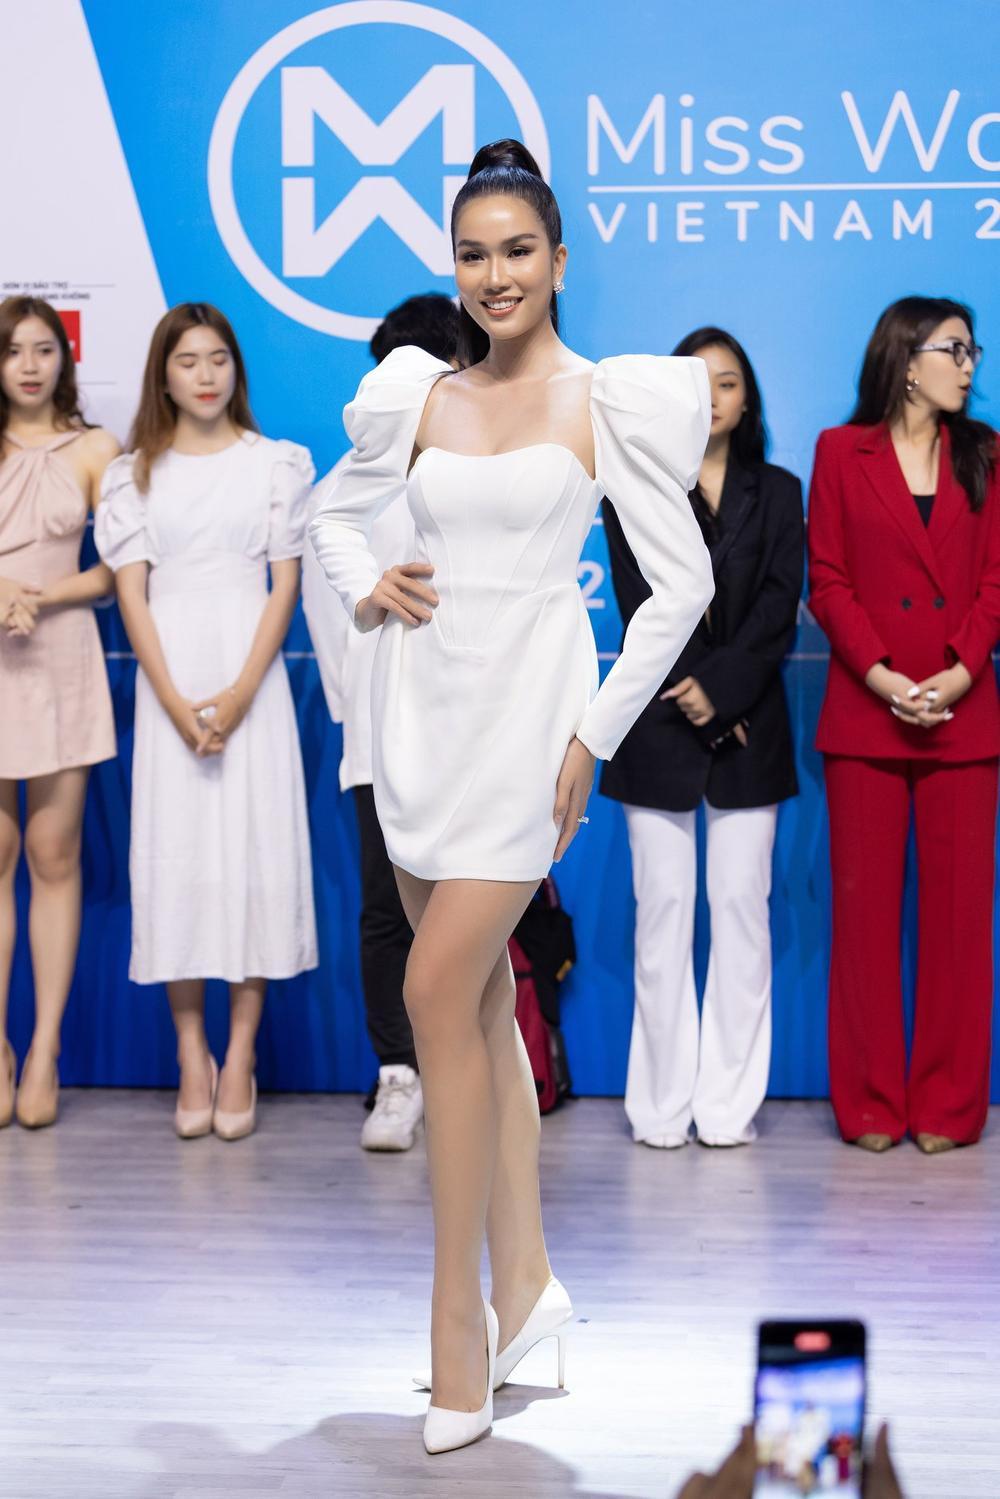 Rộ tin Miss International thi trực tuyến hoặc hủy tổ chức lần 2: Phương Anh thiệt thòi hơn cả Khánh Vân? Ảnh 10